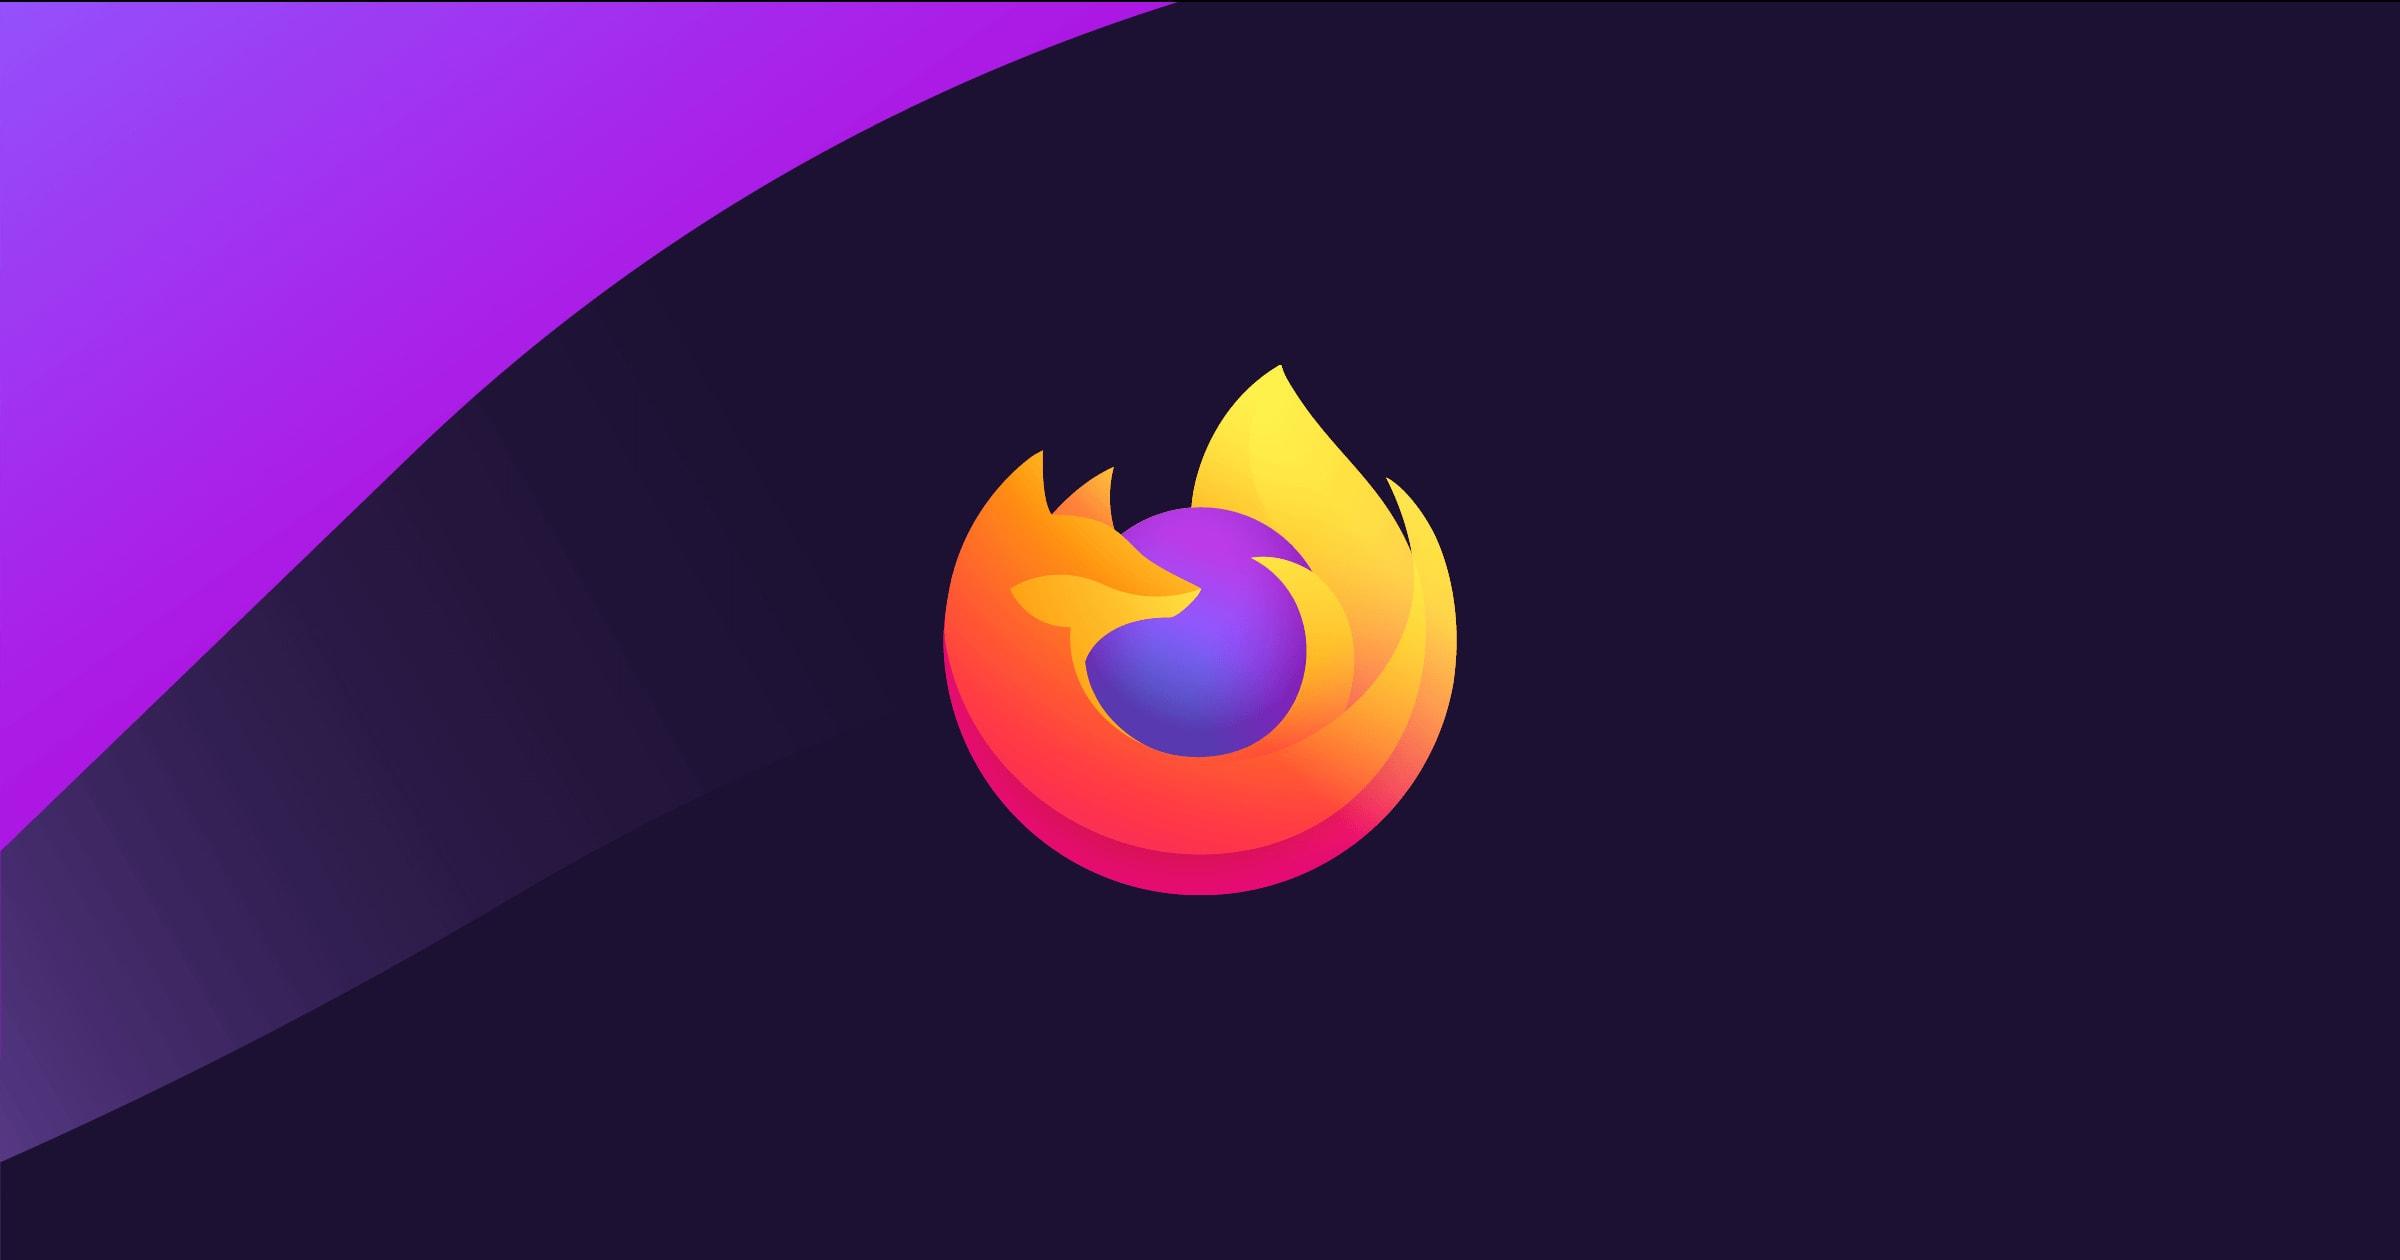 Firefox Lockwise et Windows 10 s'associent pour mieux protéger vos mots de passe